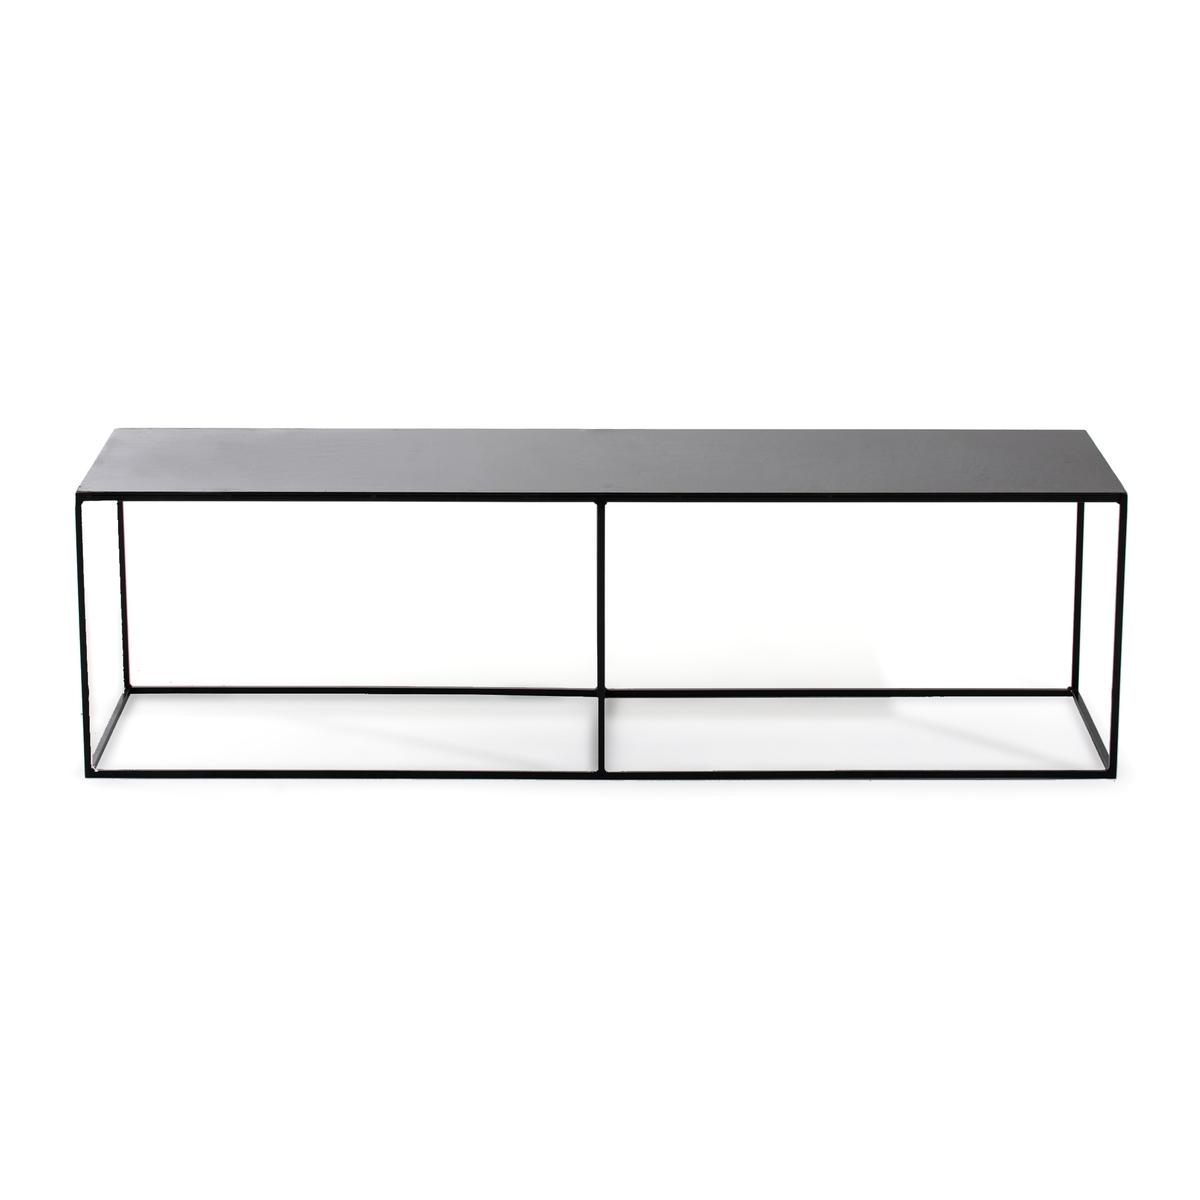 Скамья La Redoute Прикроватный столик из металла Romy единый размер черный